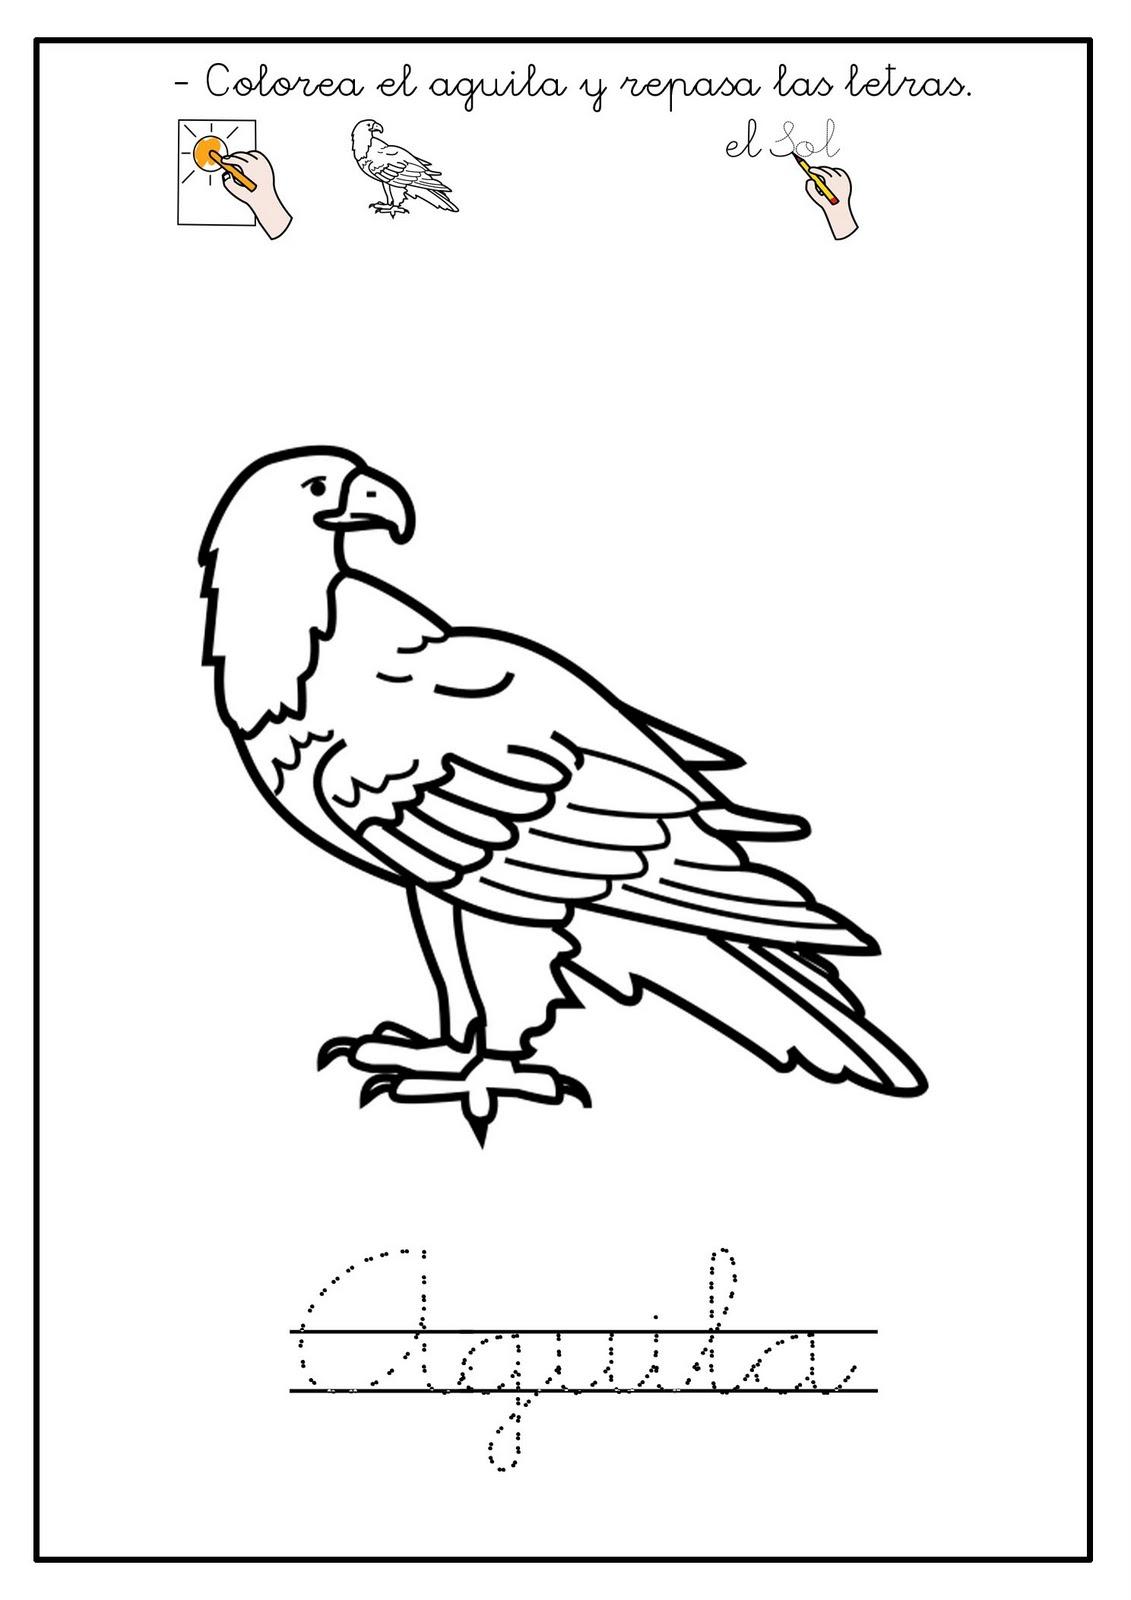 El arte de enseñar: Fichas adaptadas de animales 1